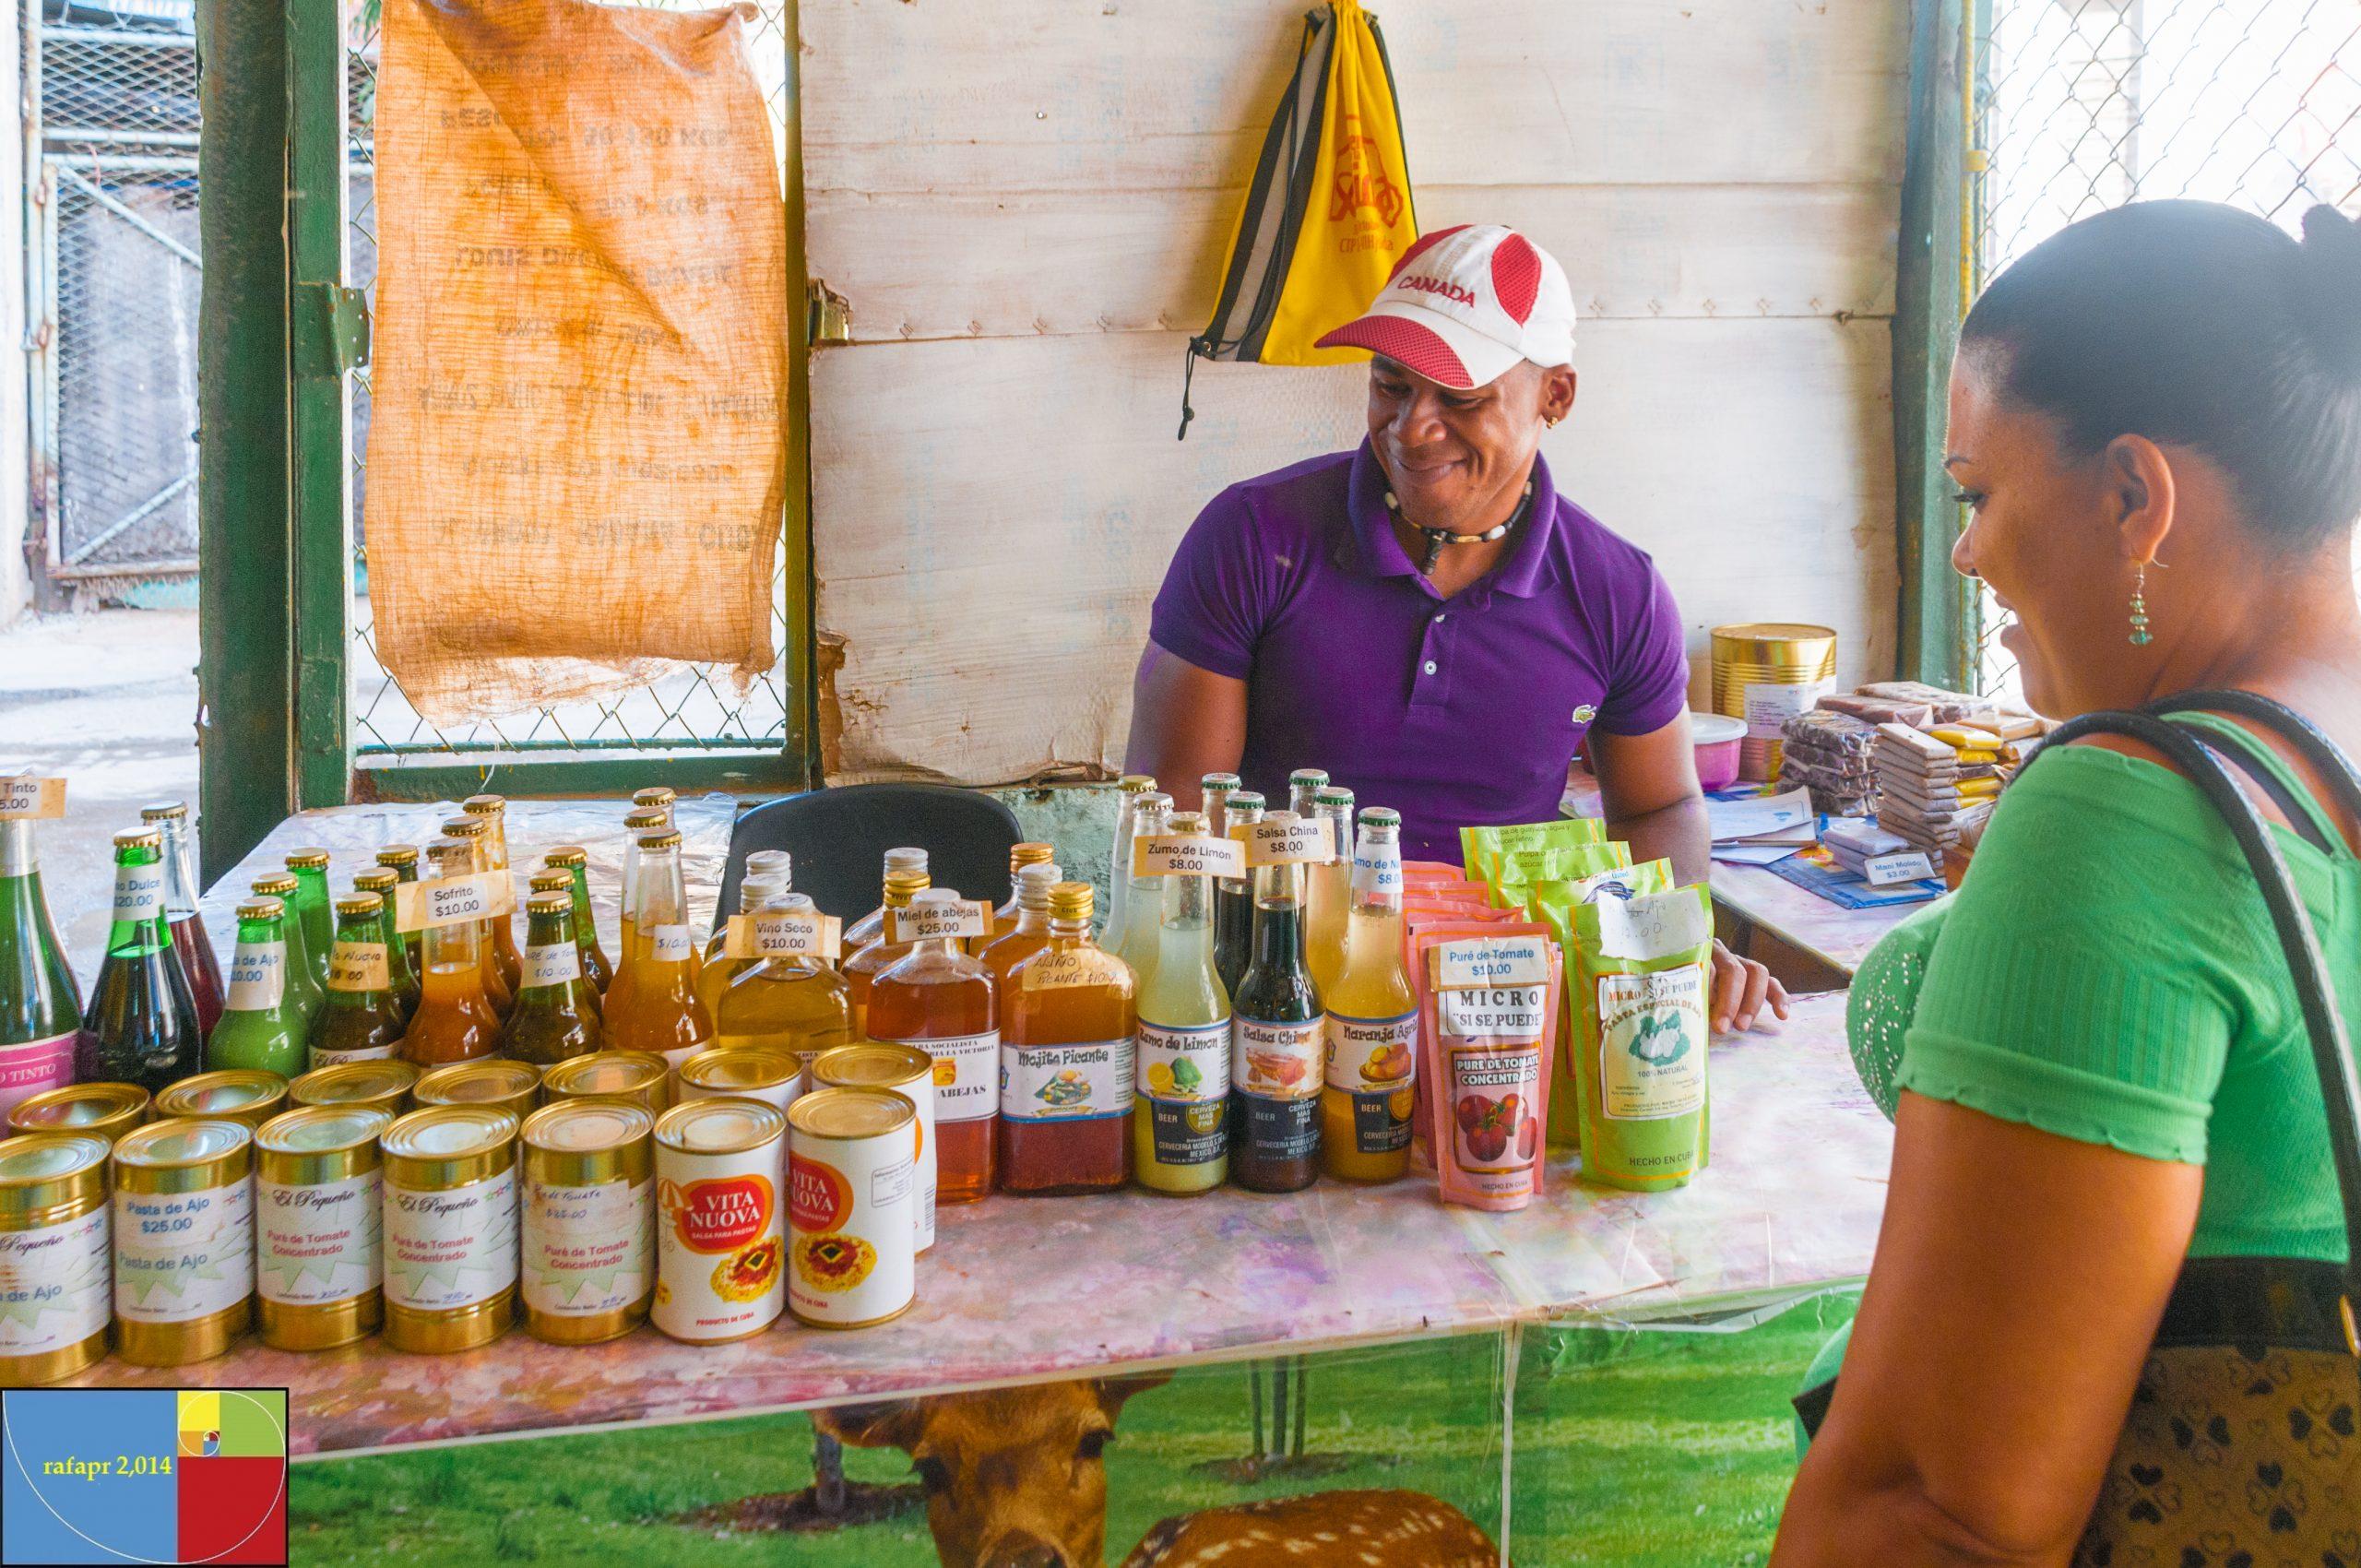 """Escena de la cotidianediad capitalina en """"La Habana Vieja"""". (Foto Rafael Buxeda Díaz)"""